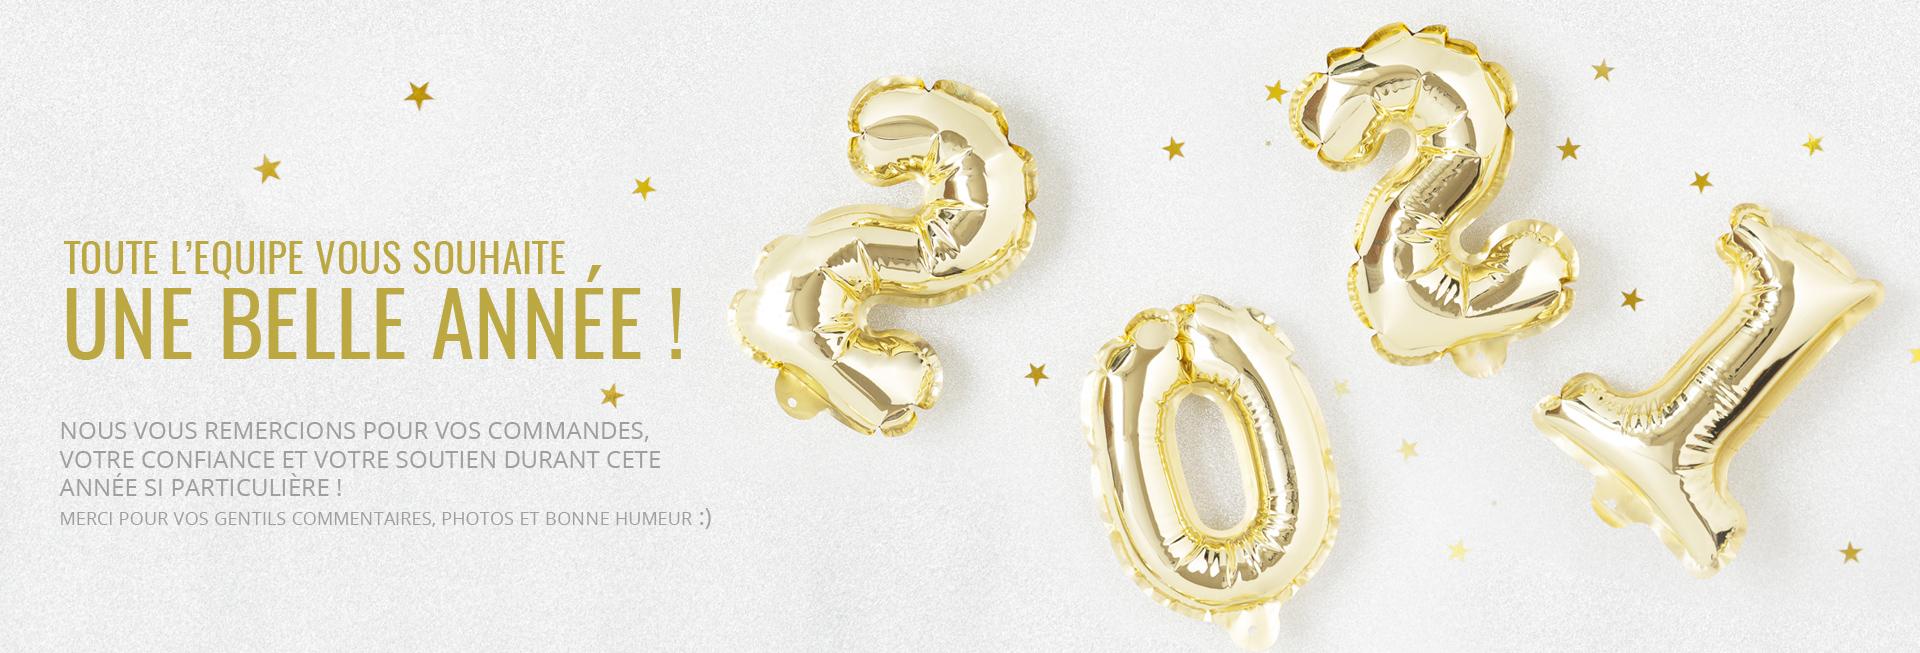 Toute l'équipe vous souhaite une belle année 2021, merci pour vos commandes de bijoux, votre bonne humeur et votre soutien !